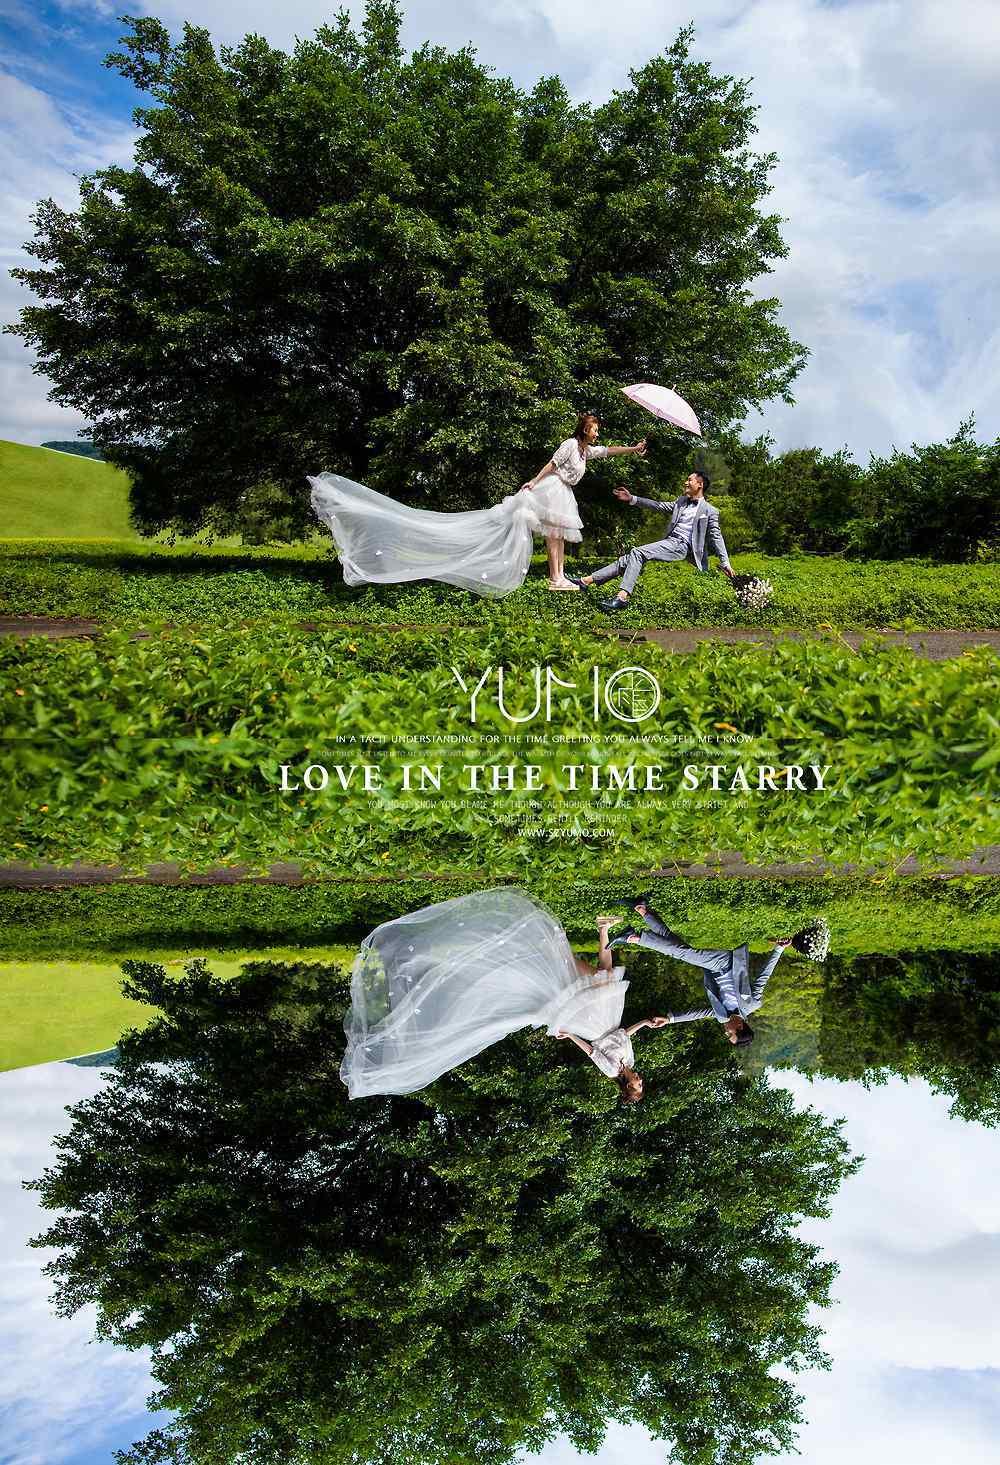 2013创意婚纱照 这组脑洞大开的创意婚纱照,我给满分!